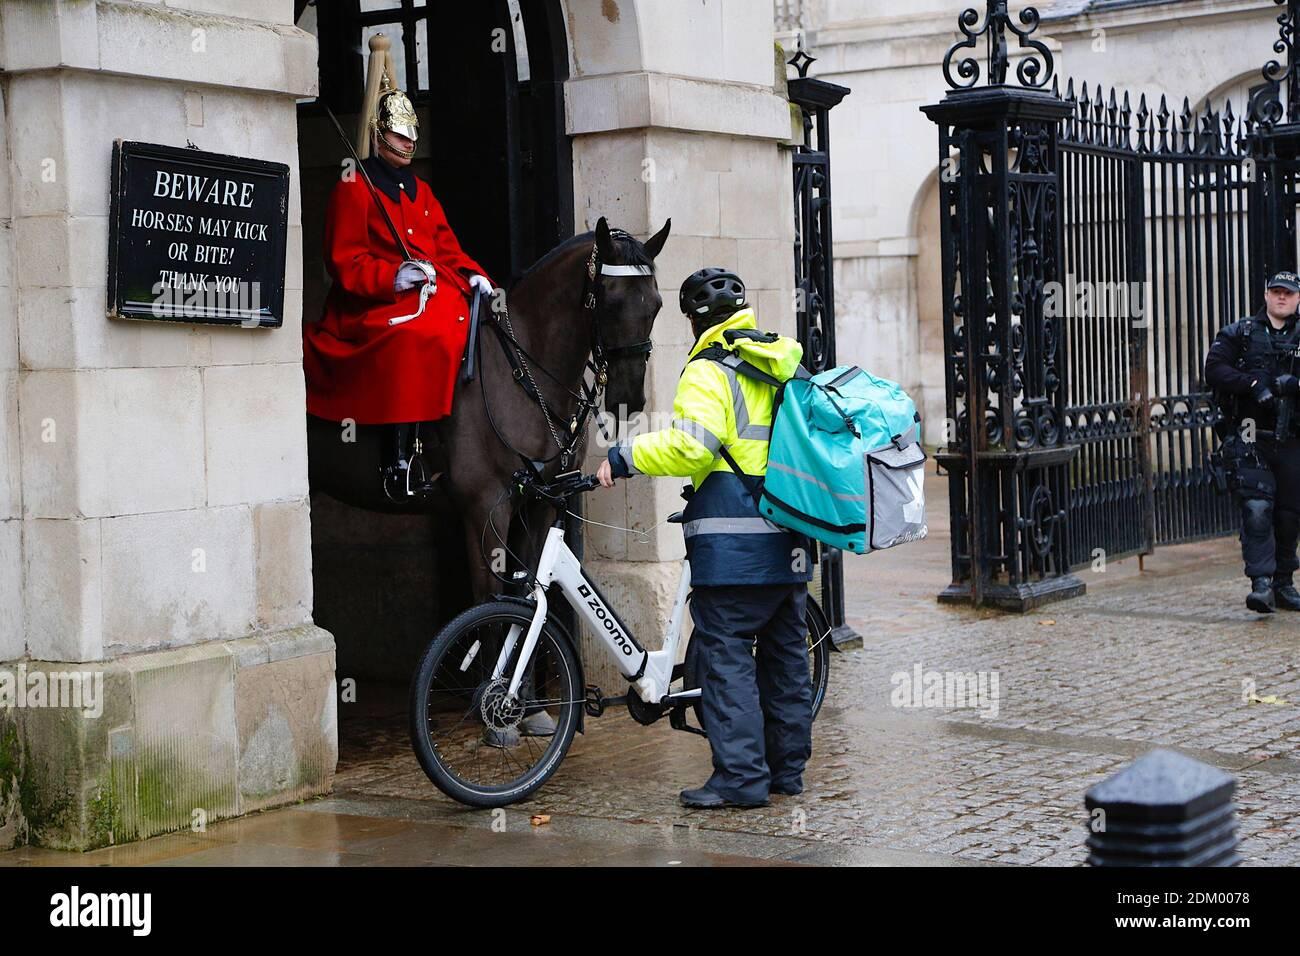 westminster-london-uk-16-dec-2020-uk-wea